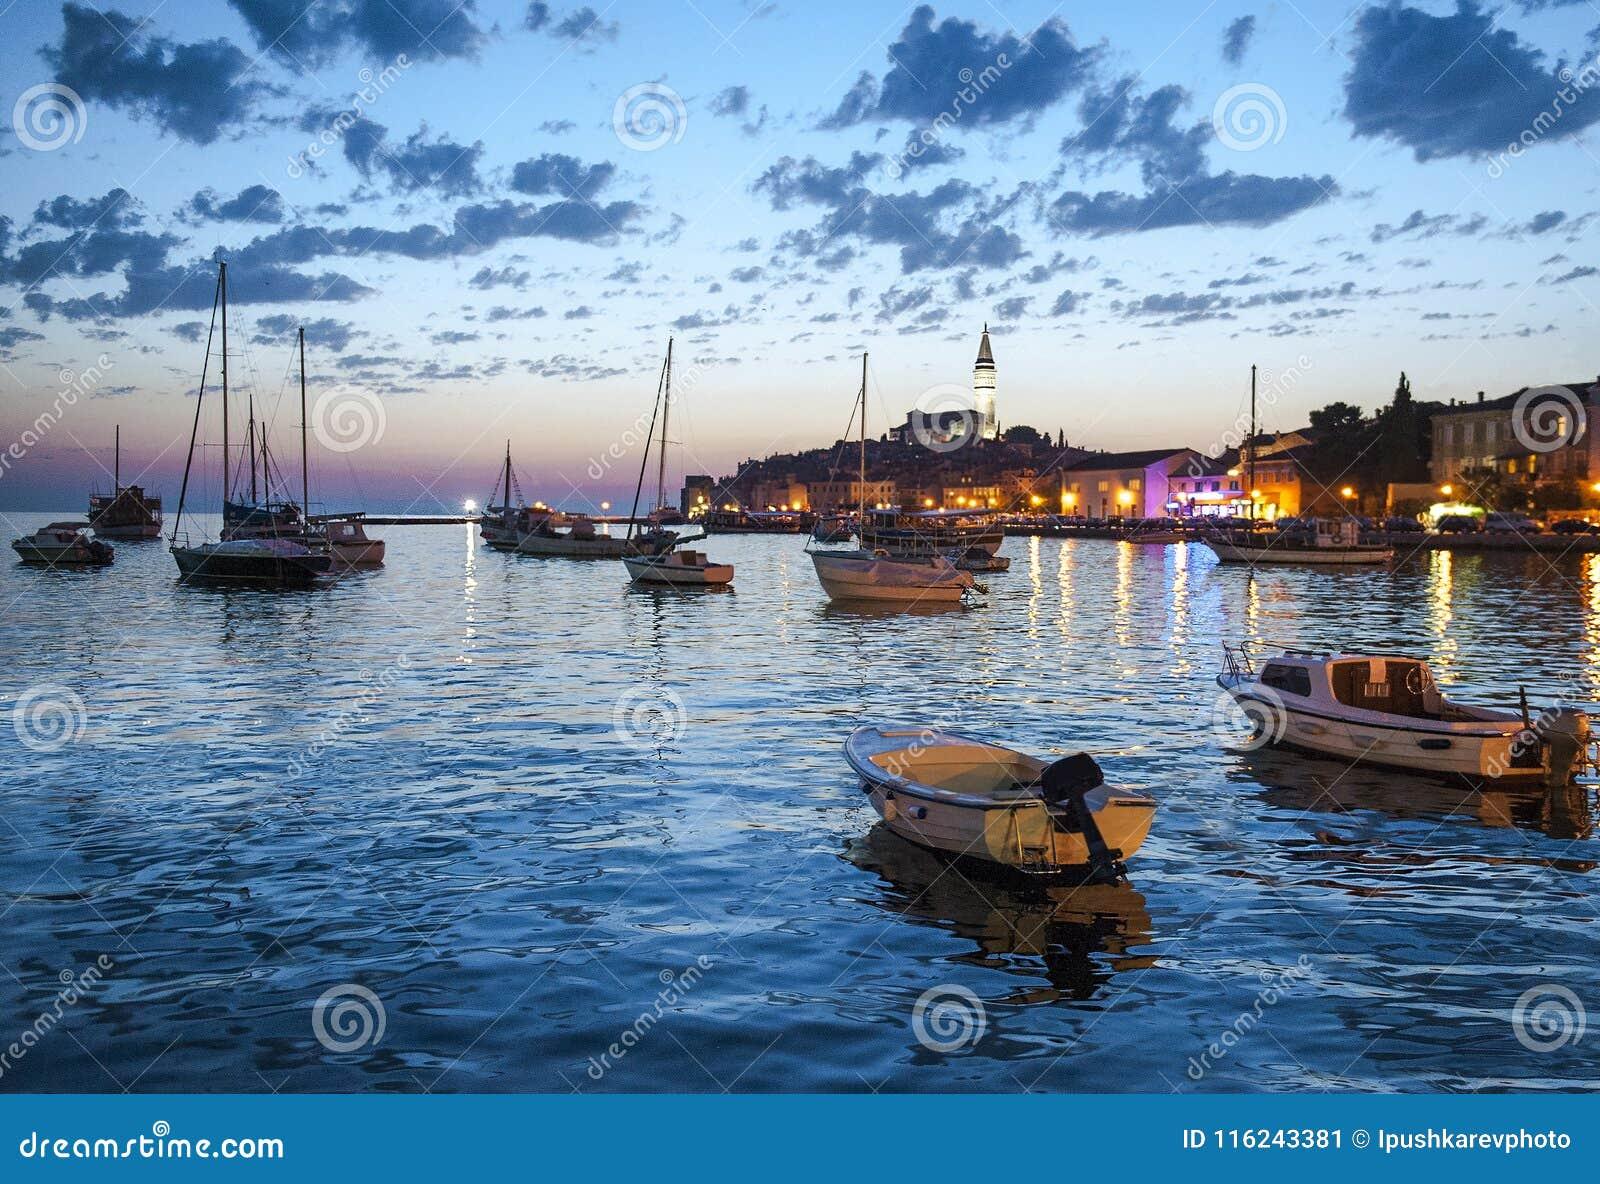 Vue de nuit de belle ville Rovinj dans Istria, Croatie Soirée dans la vieille ville croate, scène de nuit avec des réflexions de